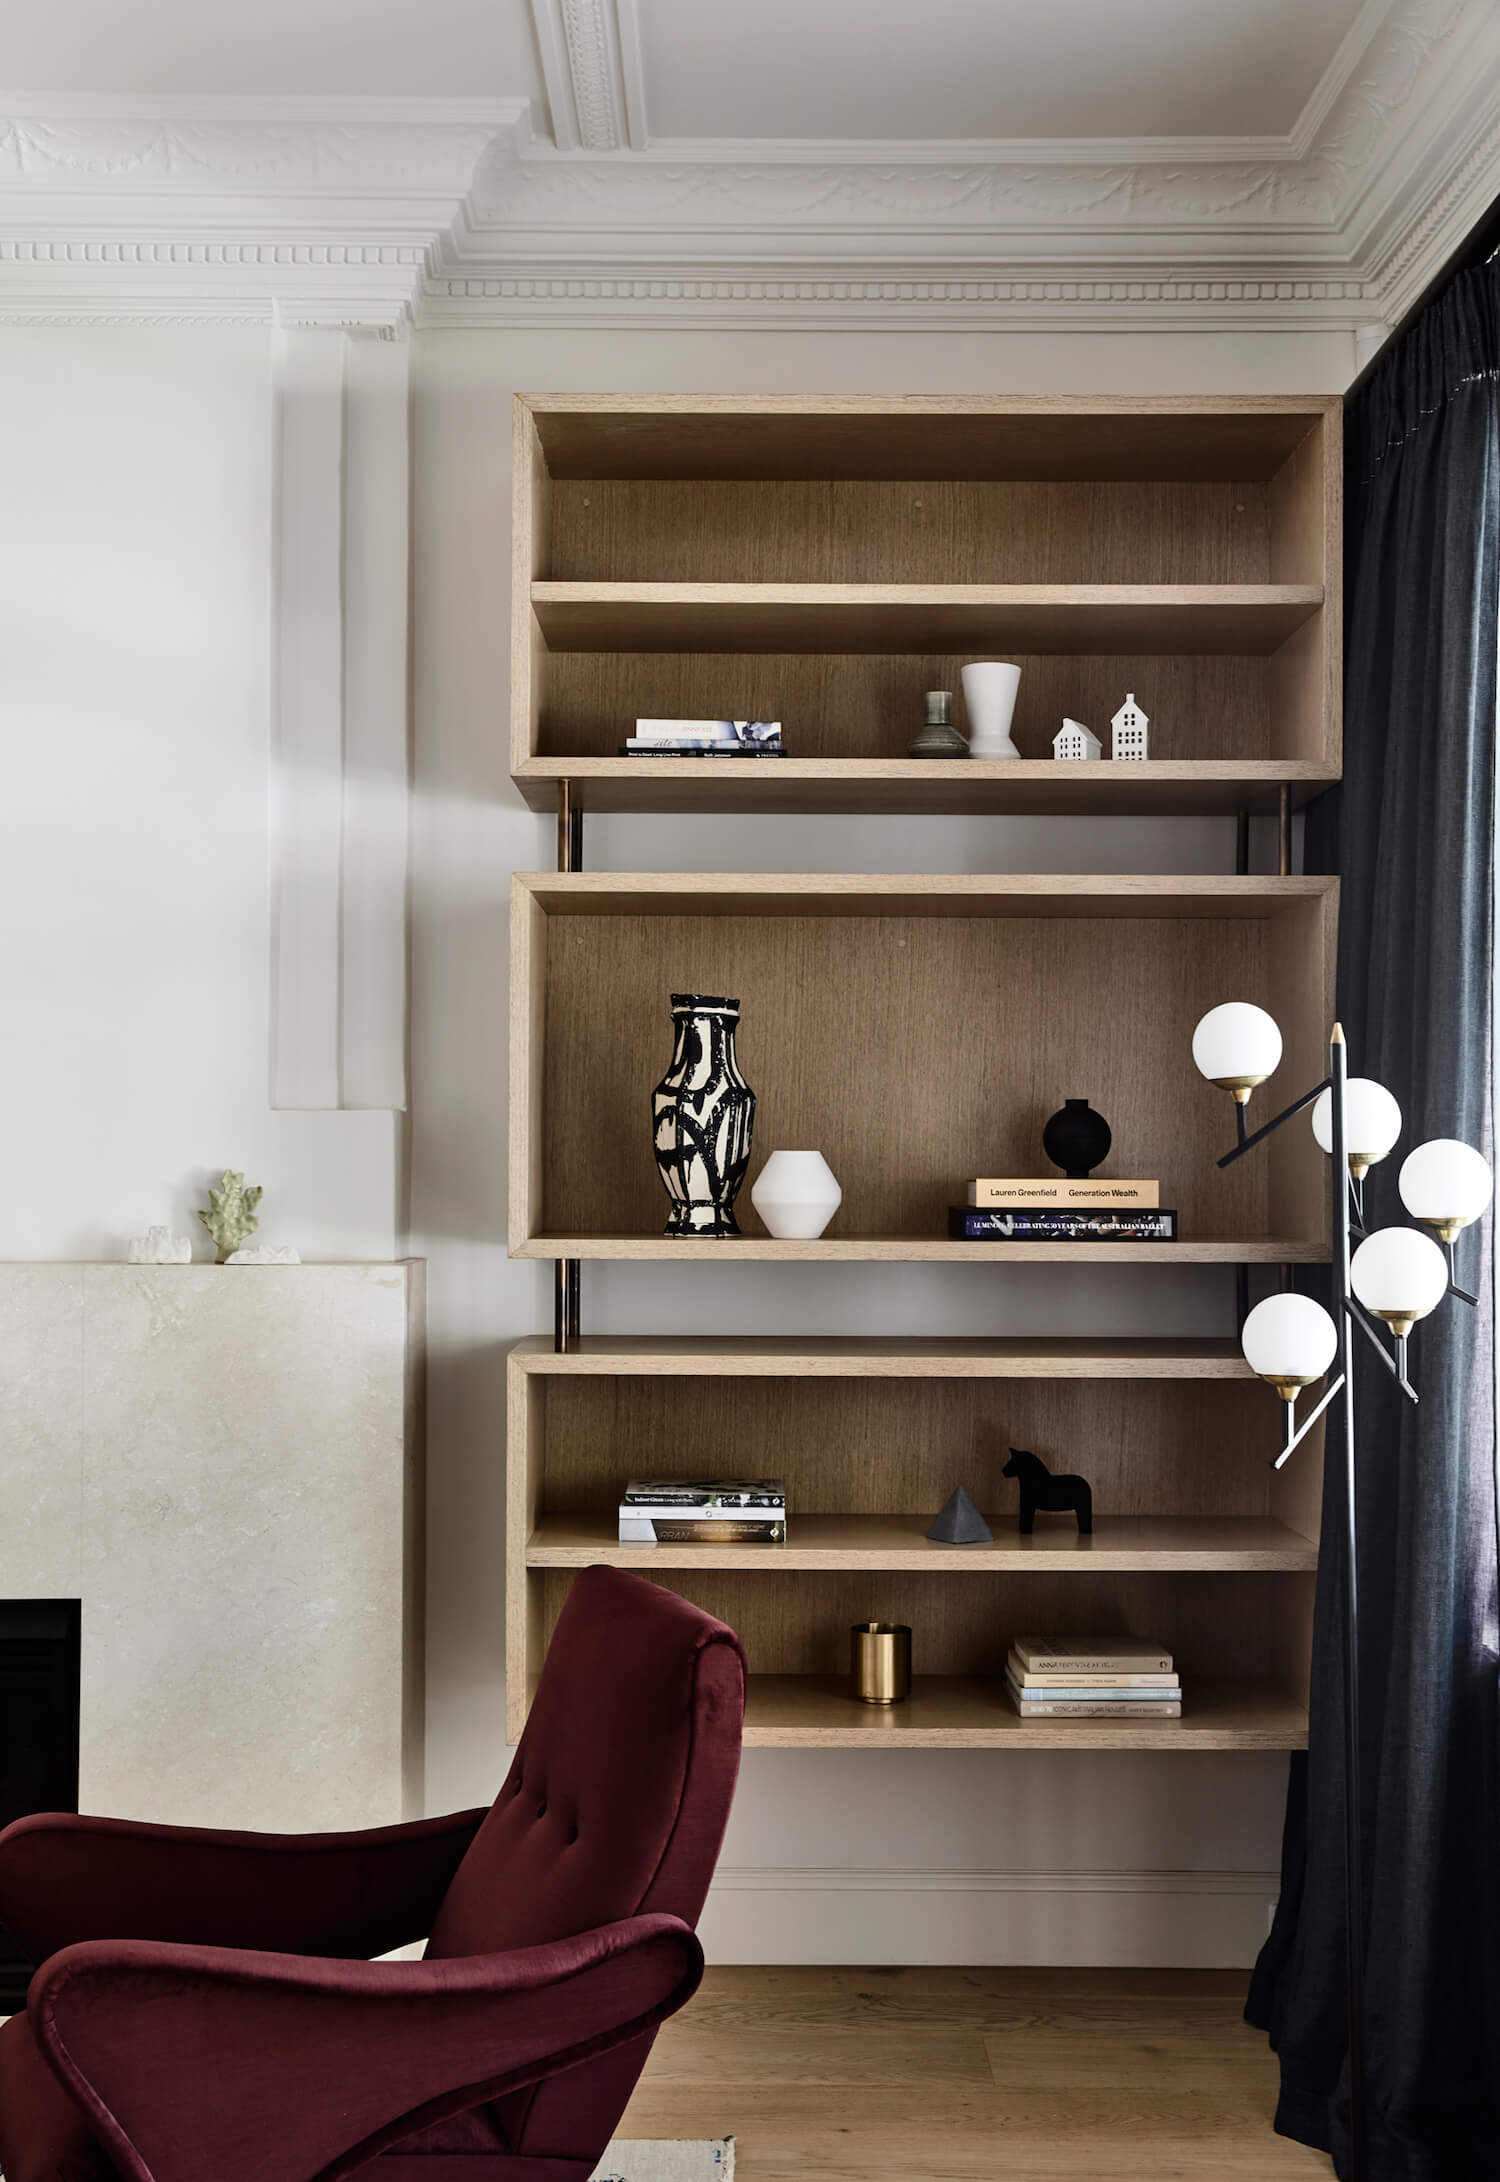 est living doherty design studio dickens manor 11